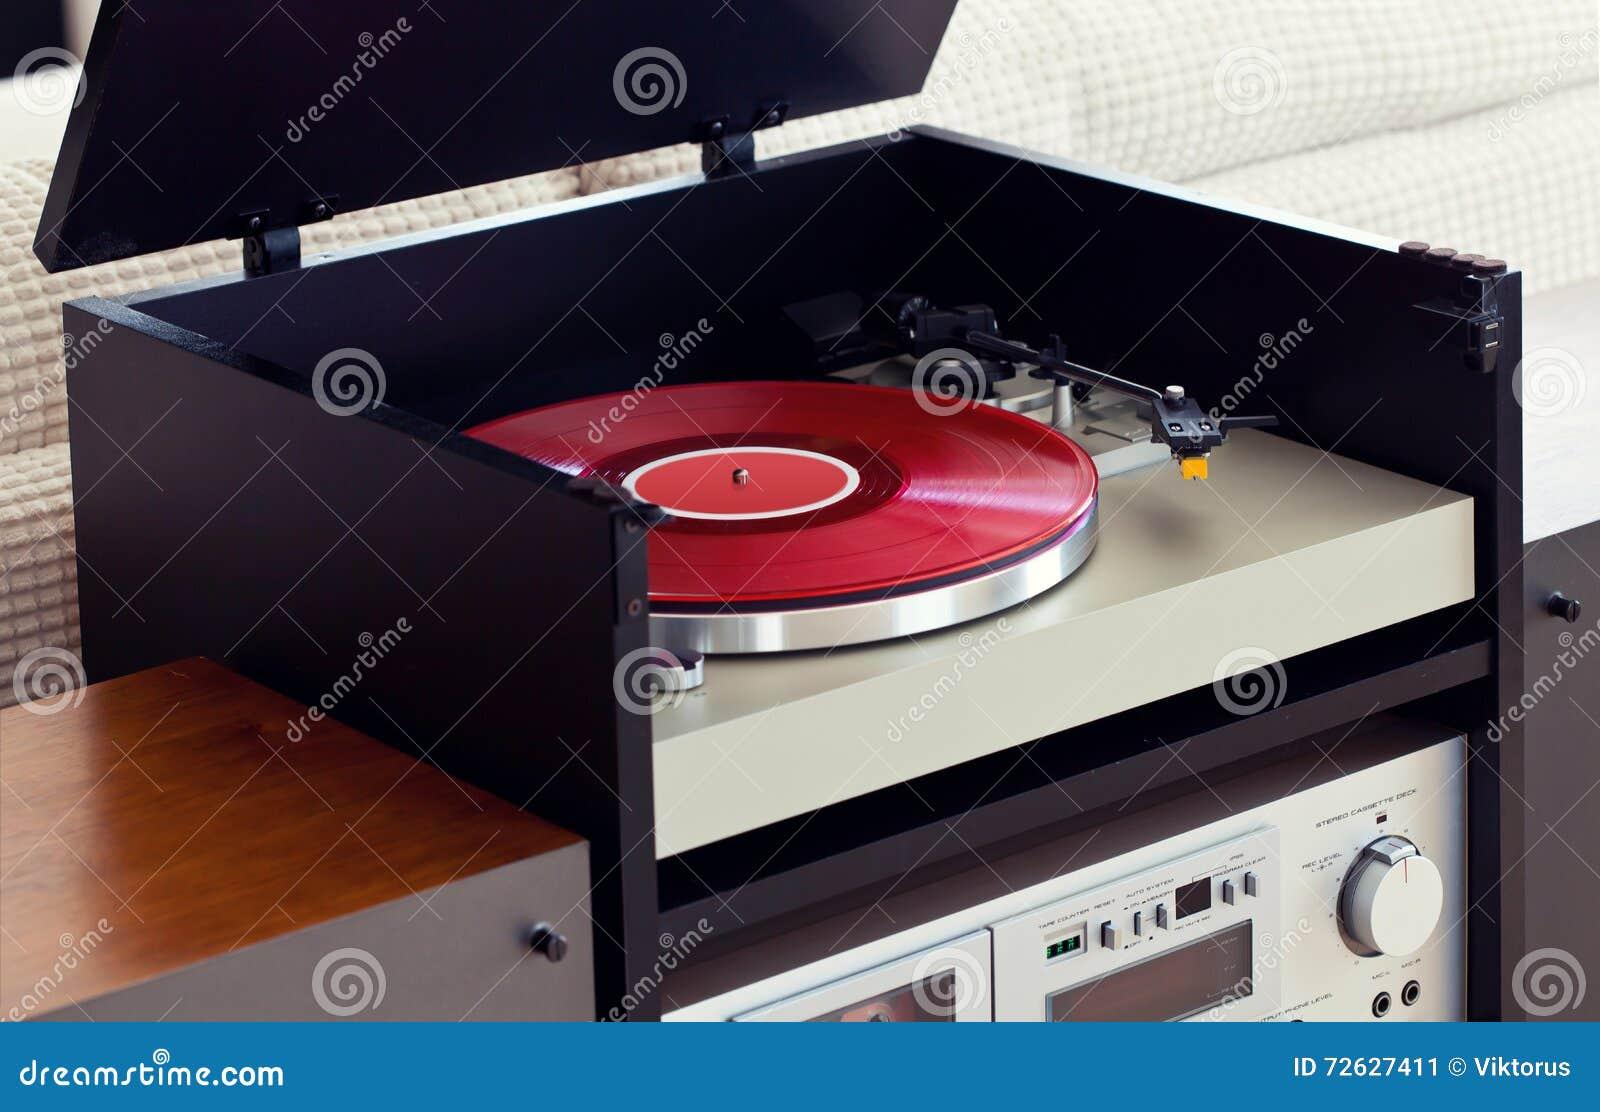 joueur audio st r o de disque vinyle de plaque tournante de musique dans le support image stock. Black Bedroom Furniture Sets. Home Design Ideas